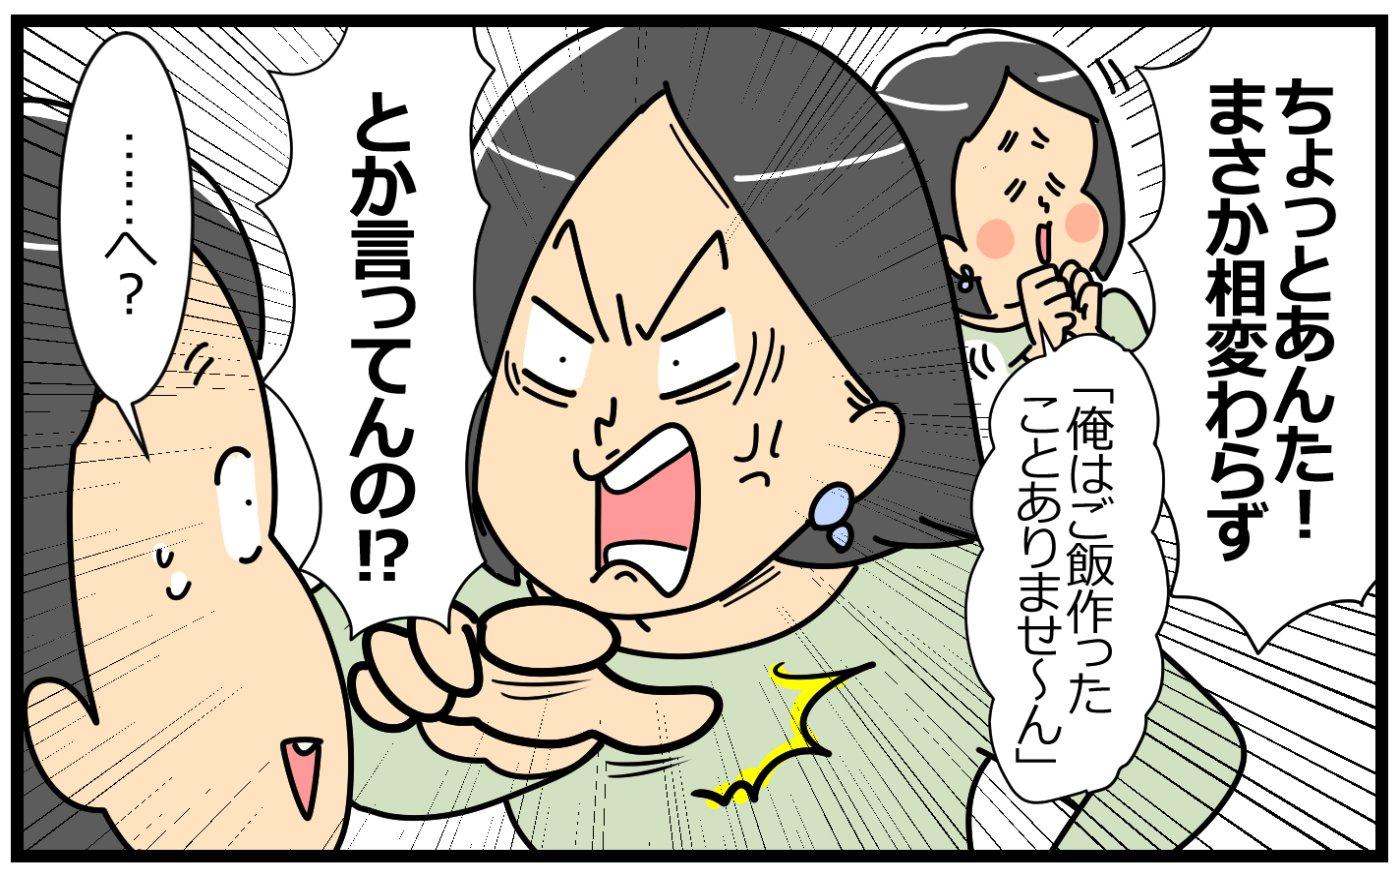 「父親になって何やってるの!」義姉の怒りが爆発/末っ子長男夫×末っ子妹妻(3)